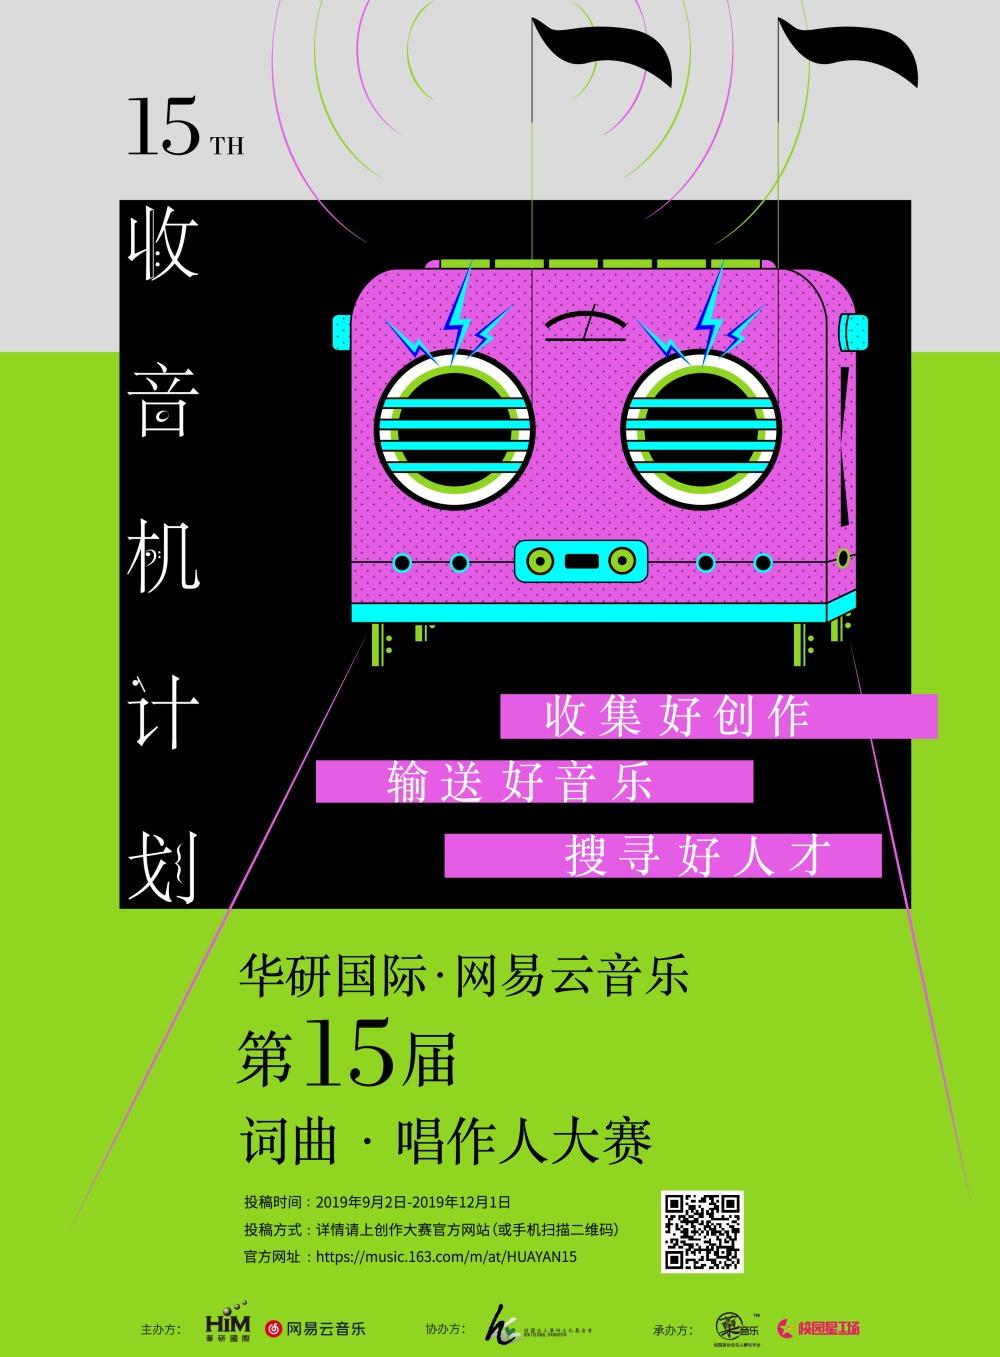 華研十五届词曲-海报、单页RGB-02